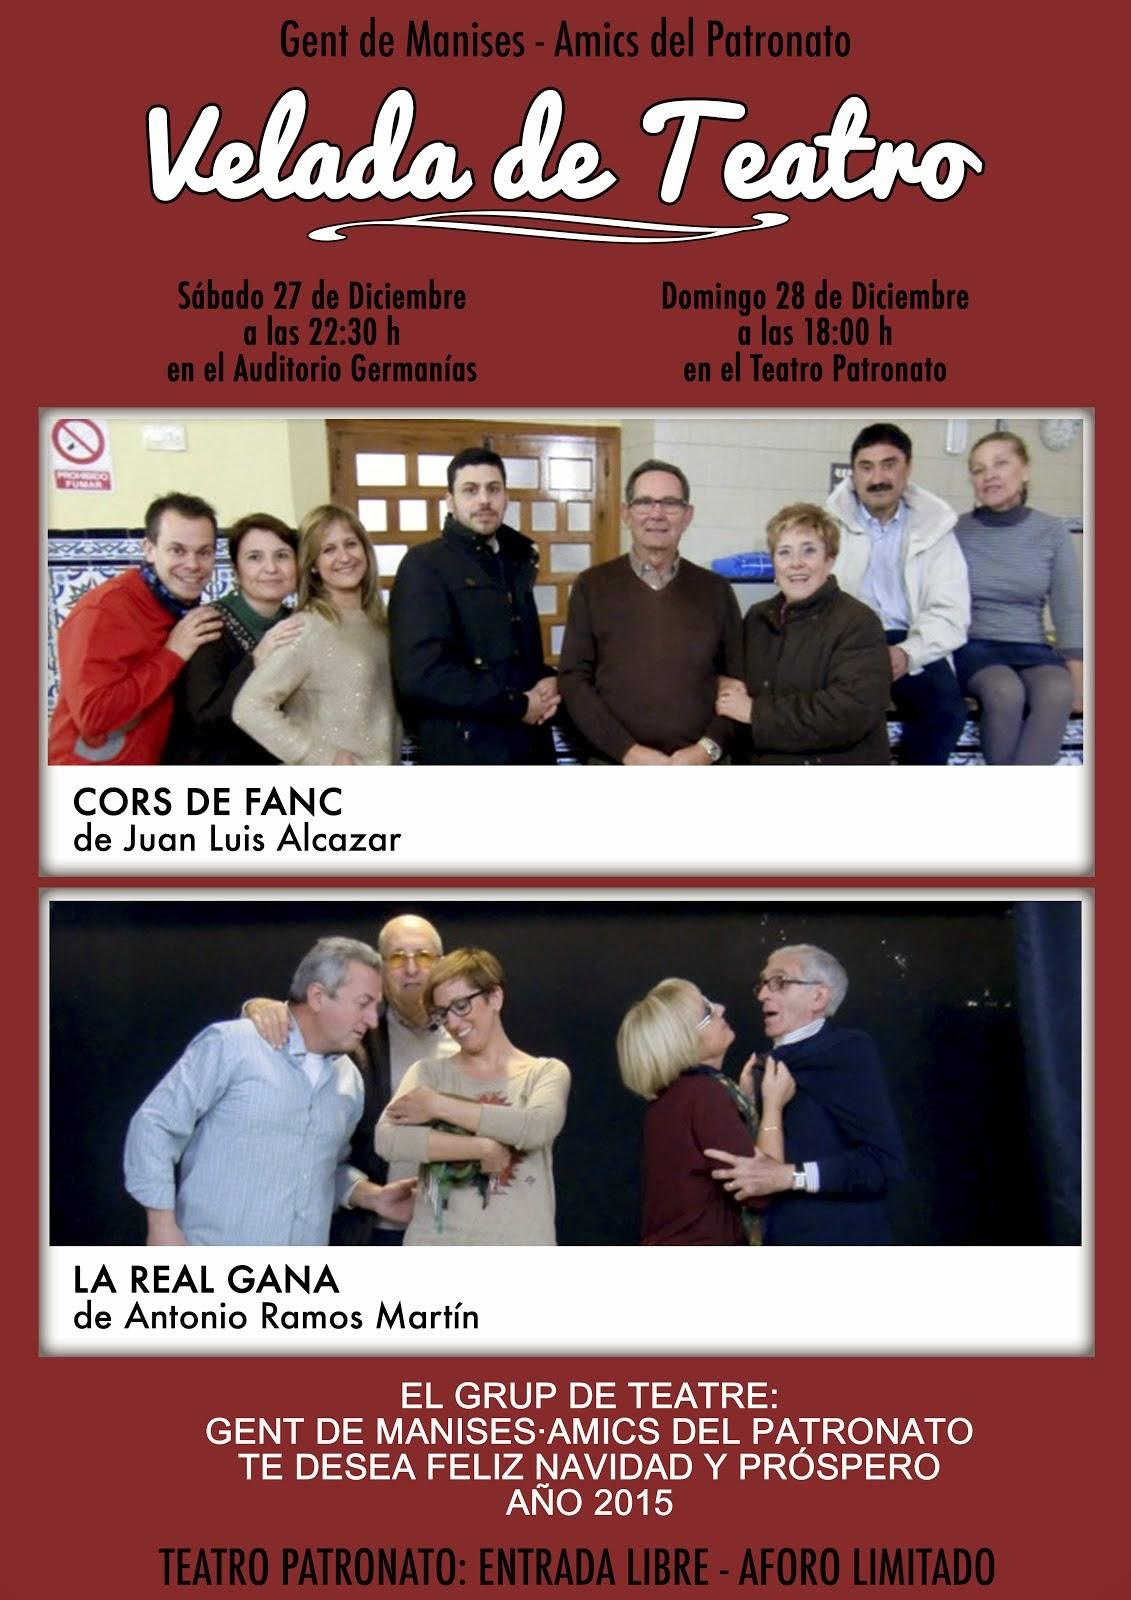 """ÚLTIMAS ACTUACIONES DEL GRUPO DE TEATRO """"GENT DE MANISES·AMICS DEL PATRONATO"""", EN 2014"""